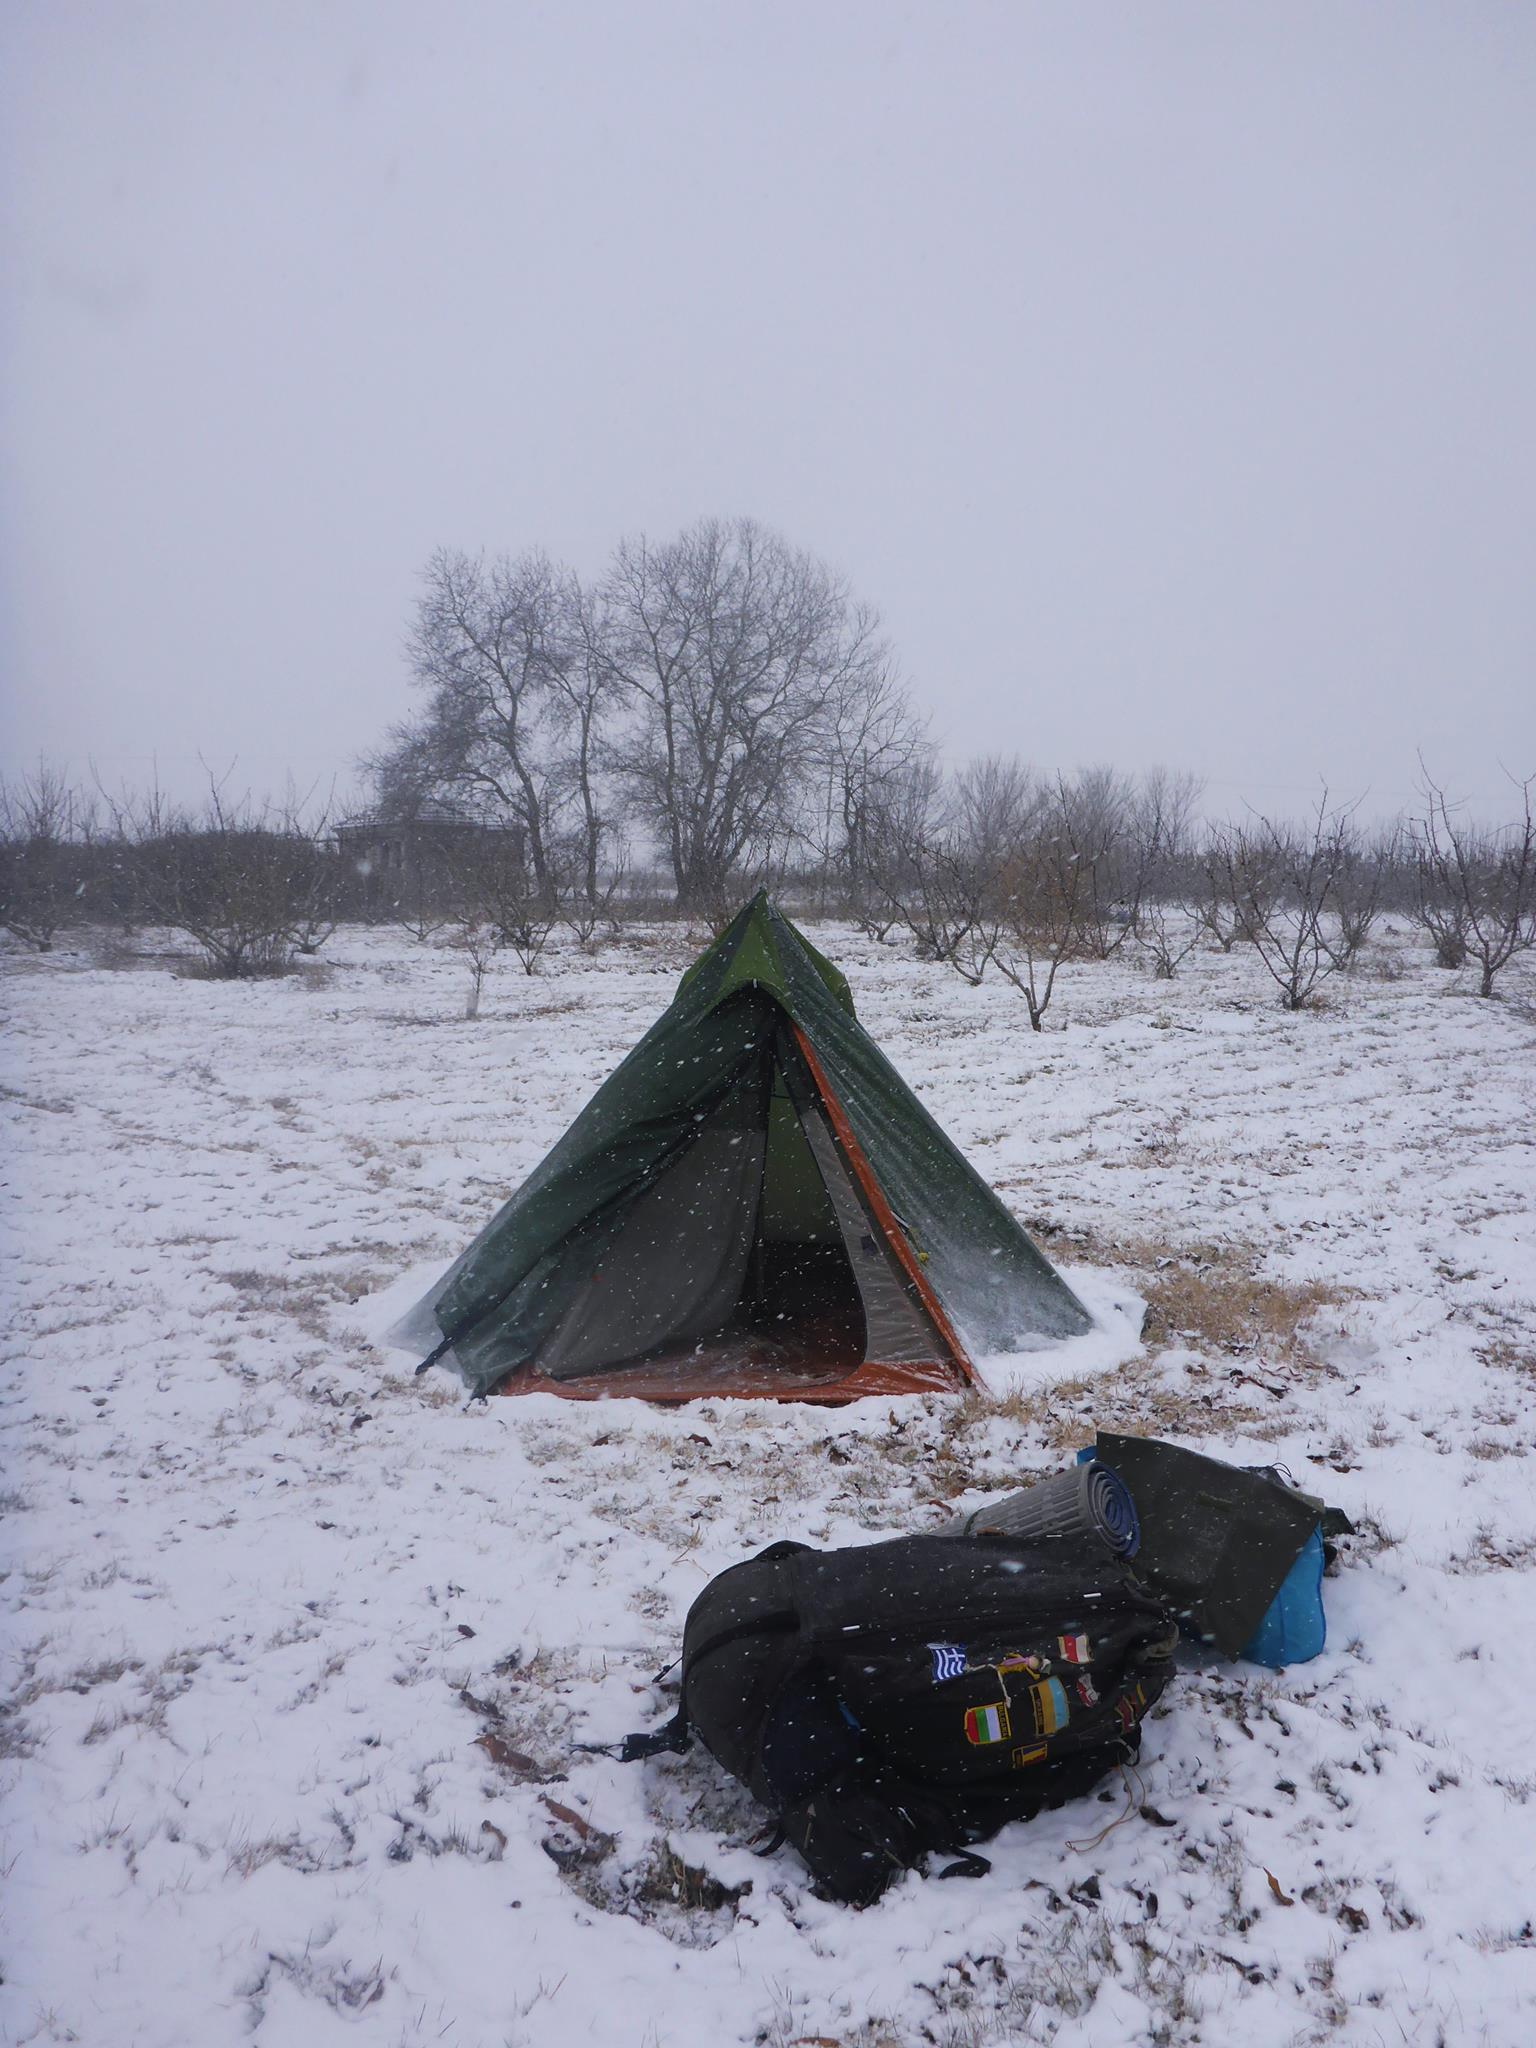 Mon troisième hiver sous la tente... Heureusement que c'est le dernier hahaha !